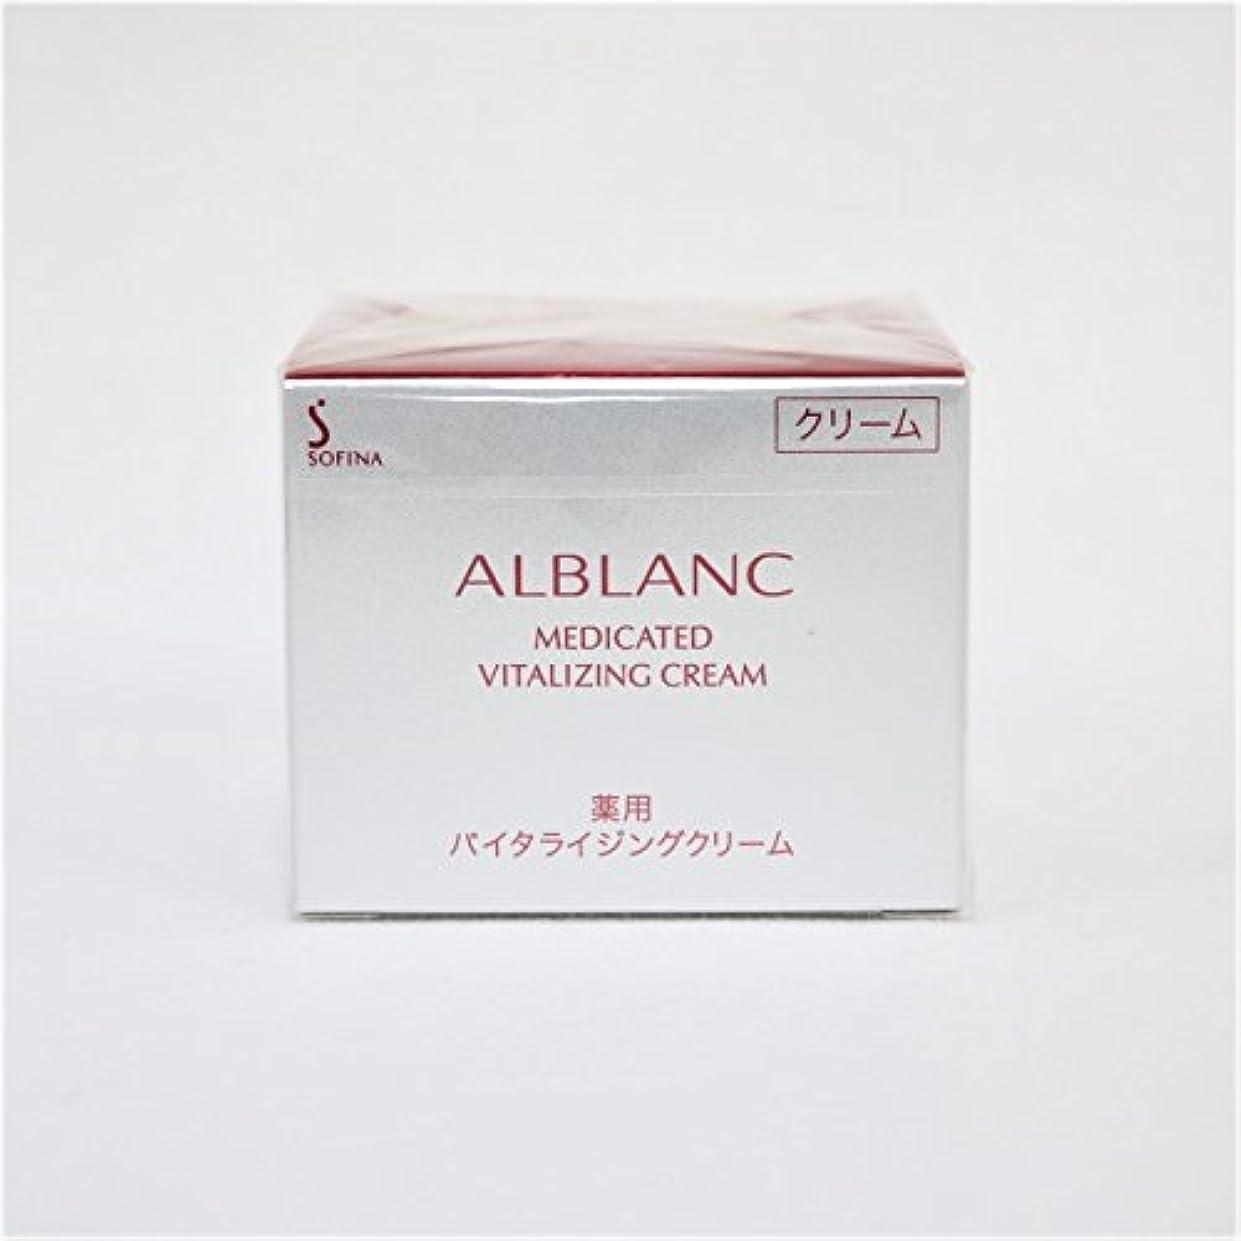 コンテンポラリー別々に朝の体操をするソフィーナ アルブラン 薬用バイタライジングクリーム 40g